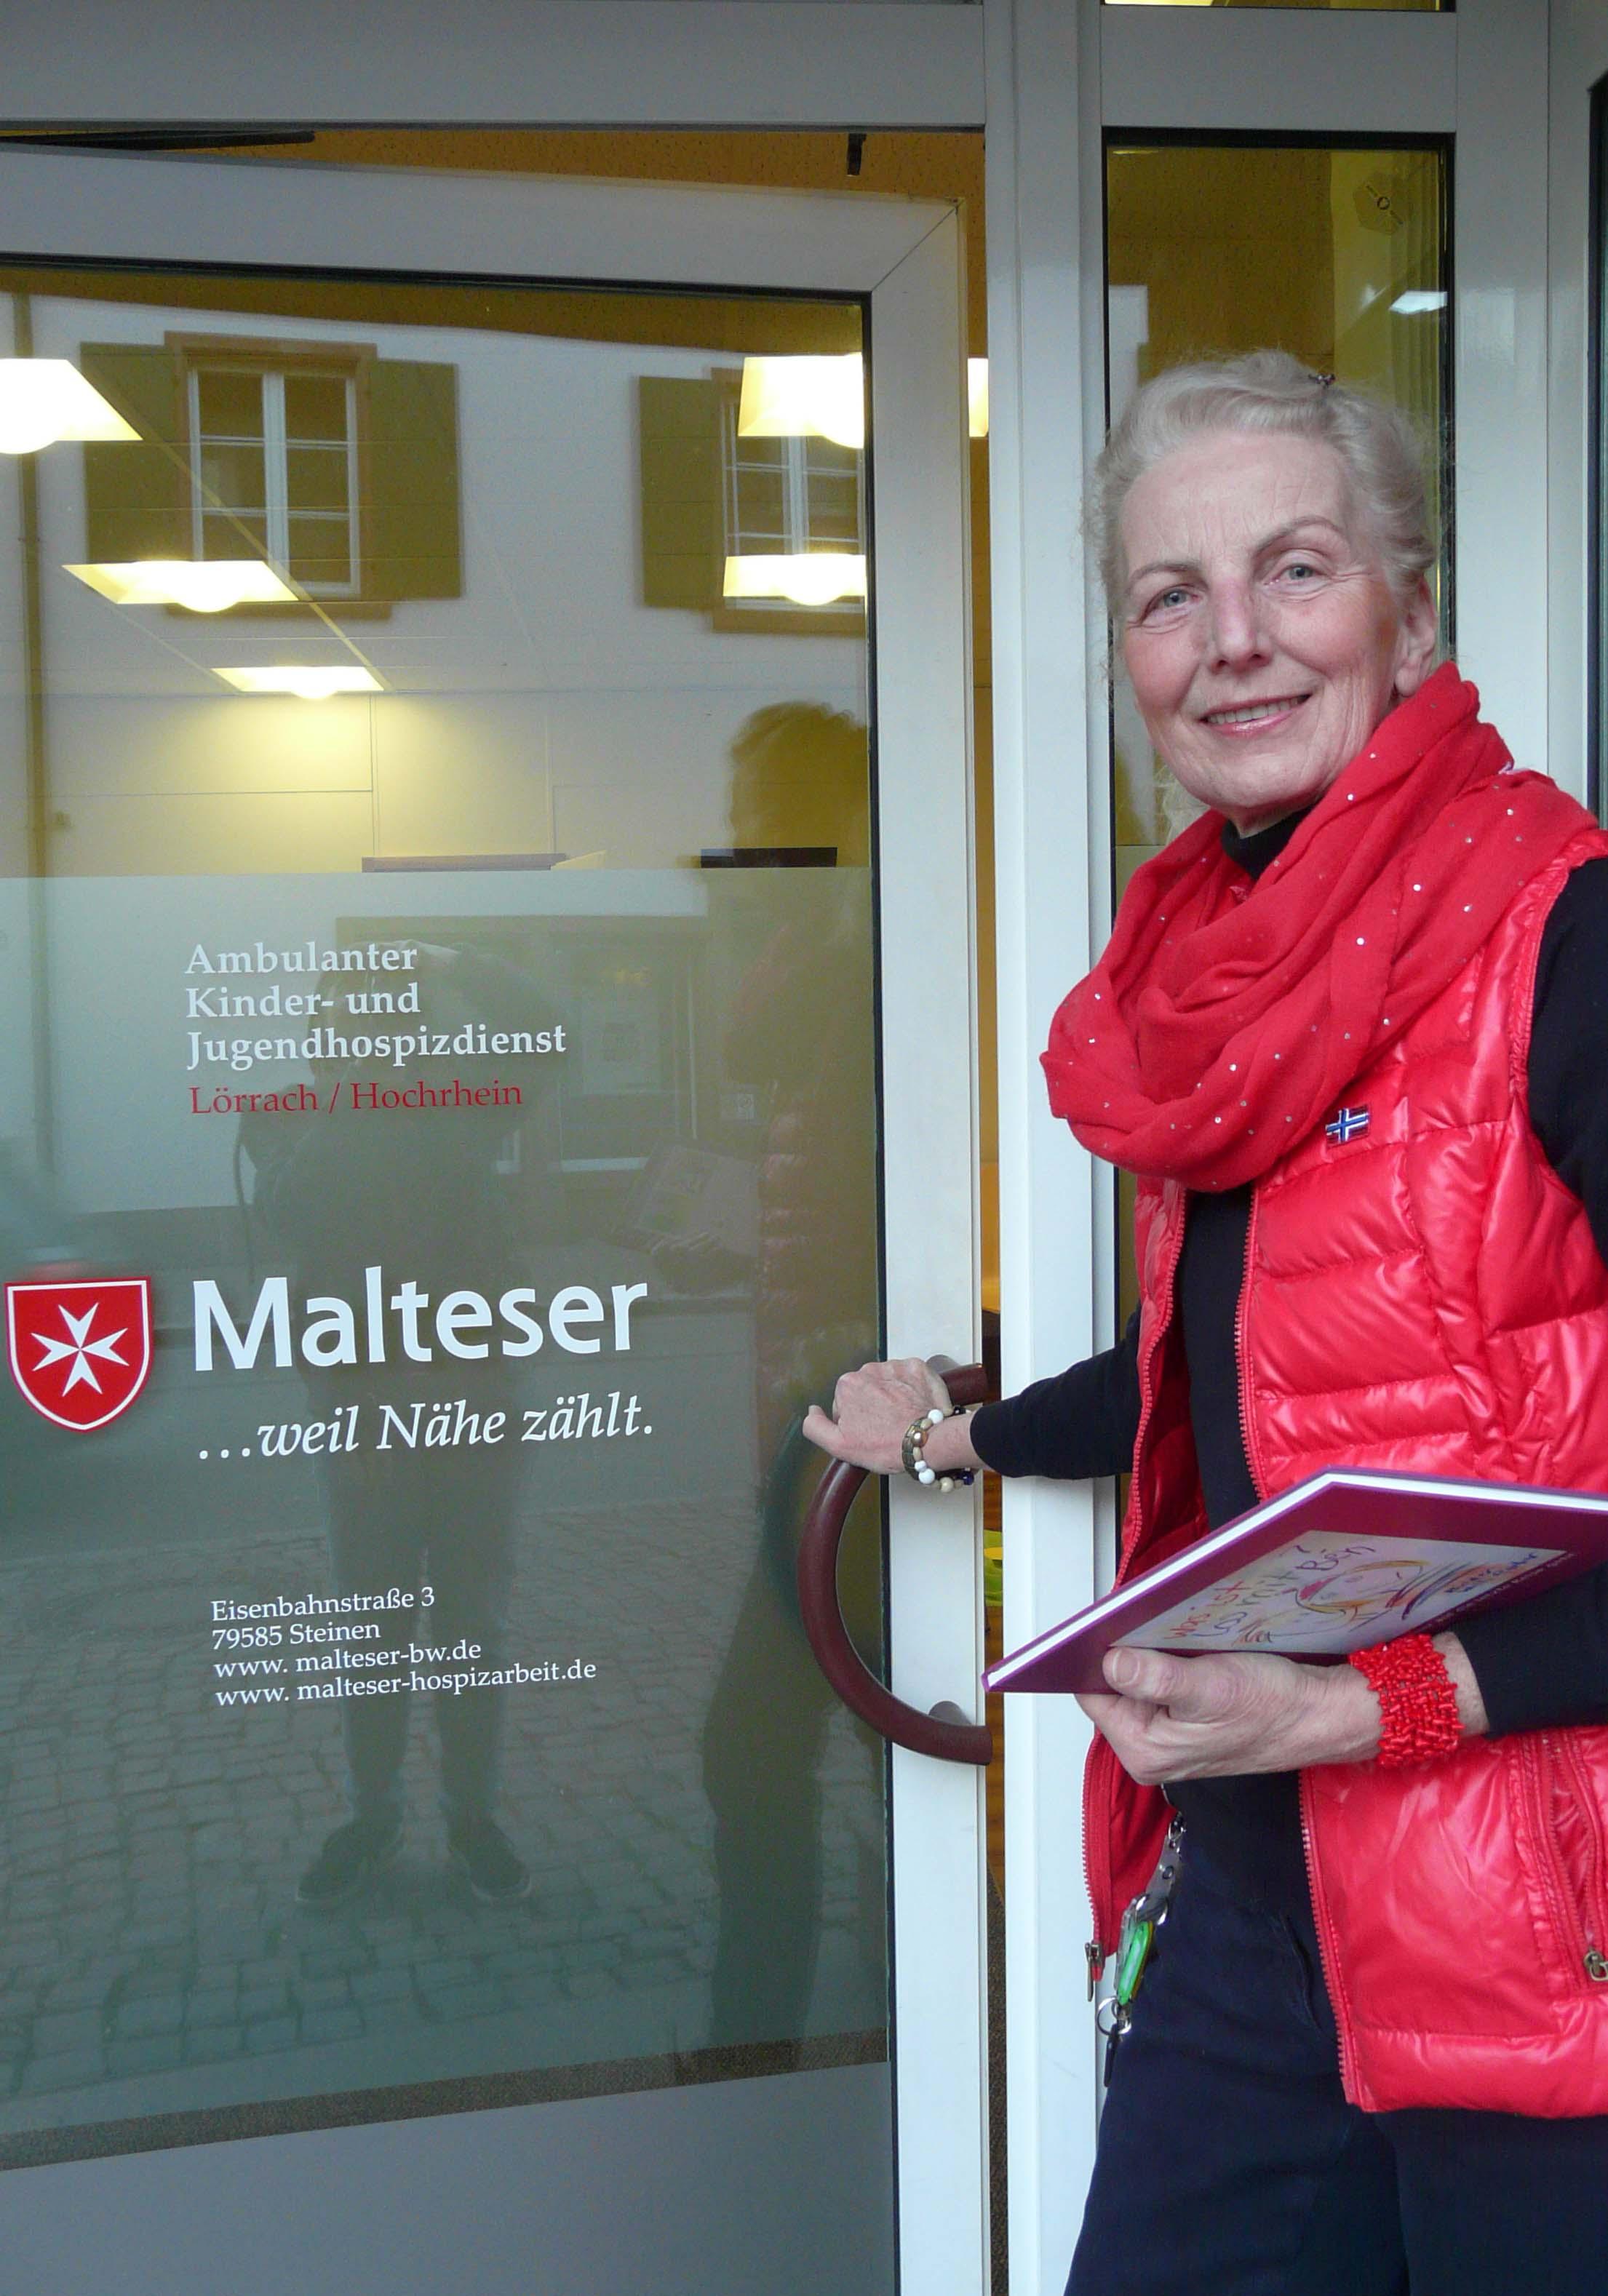 Der Hospizdienst der Malteser ist in Steinen in der Eisenbahnstraße